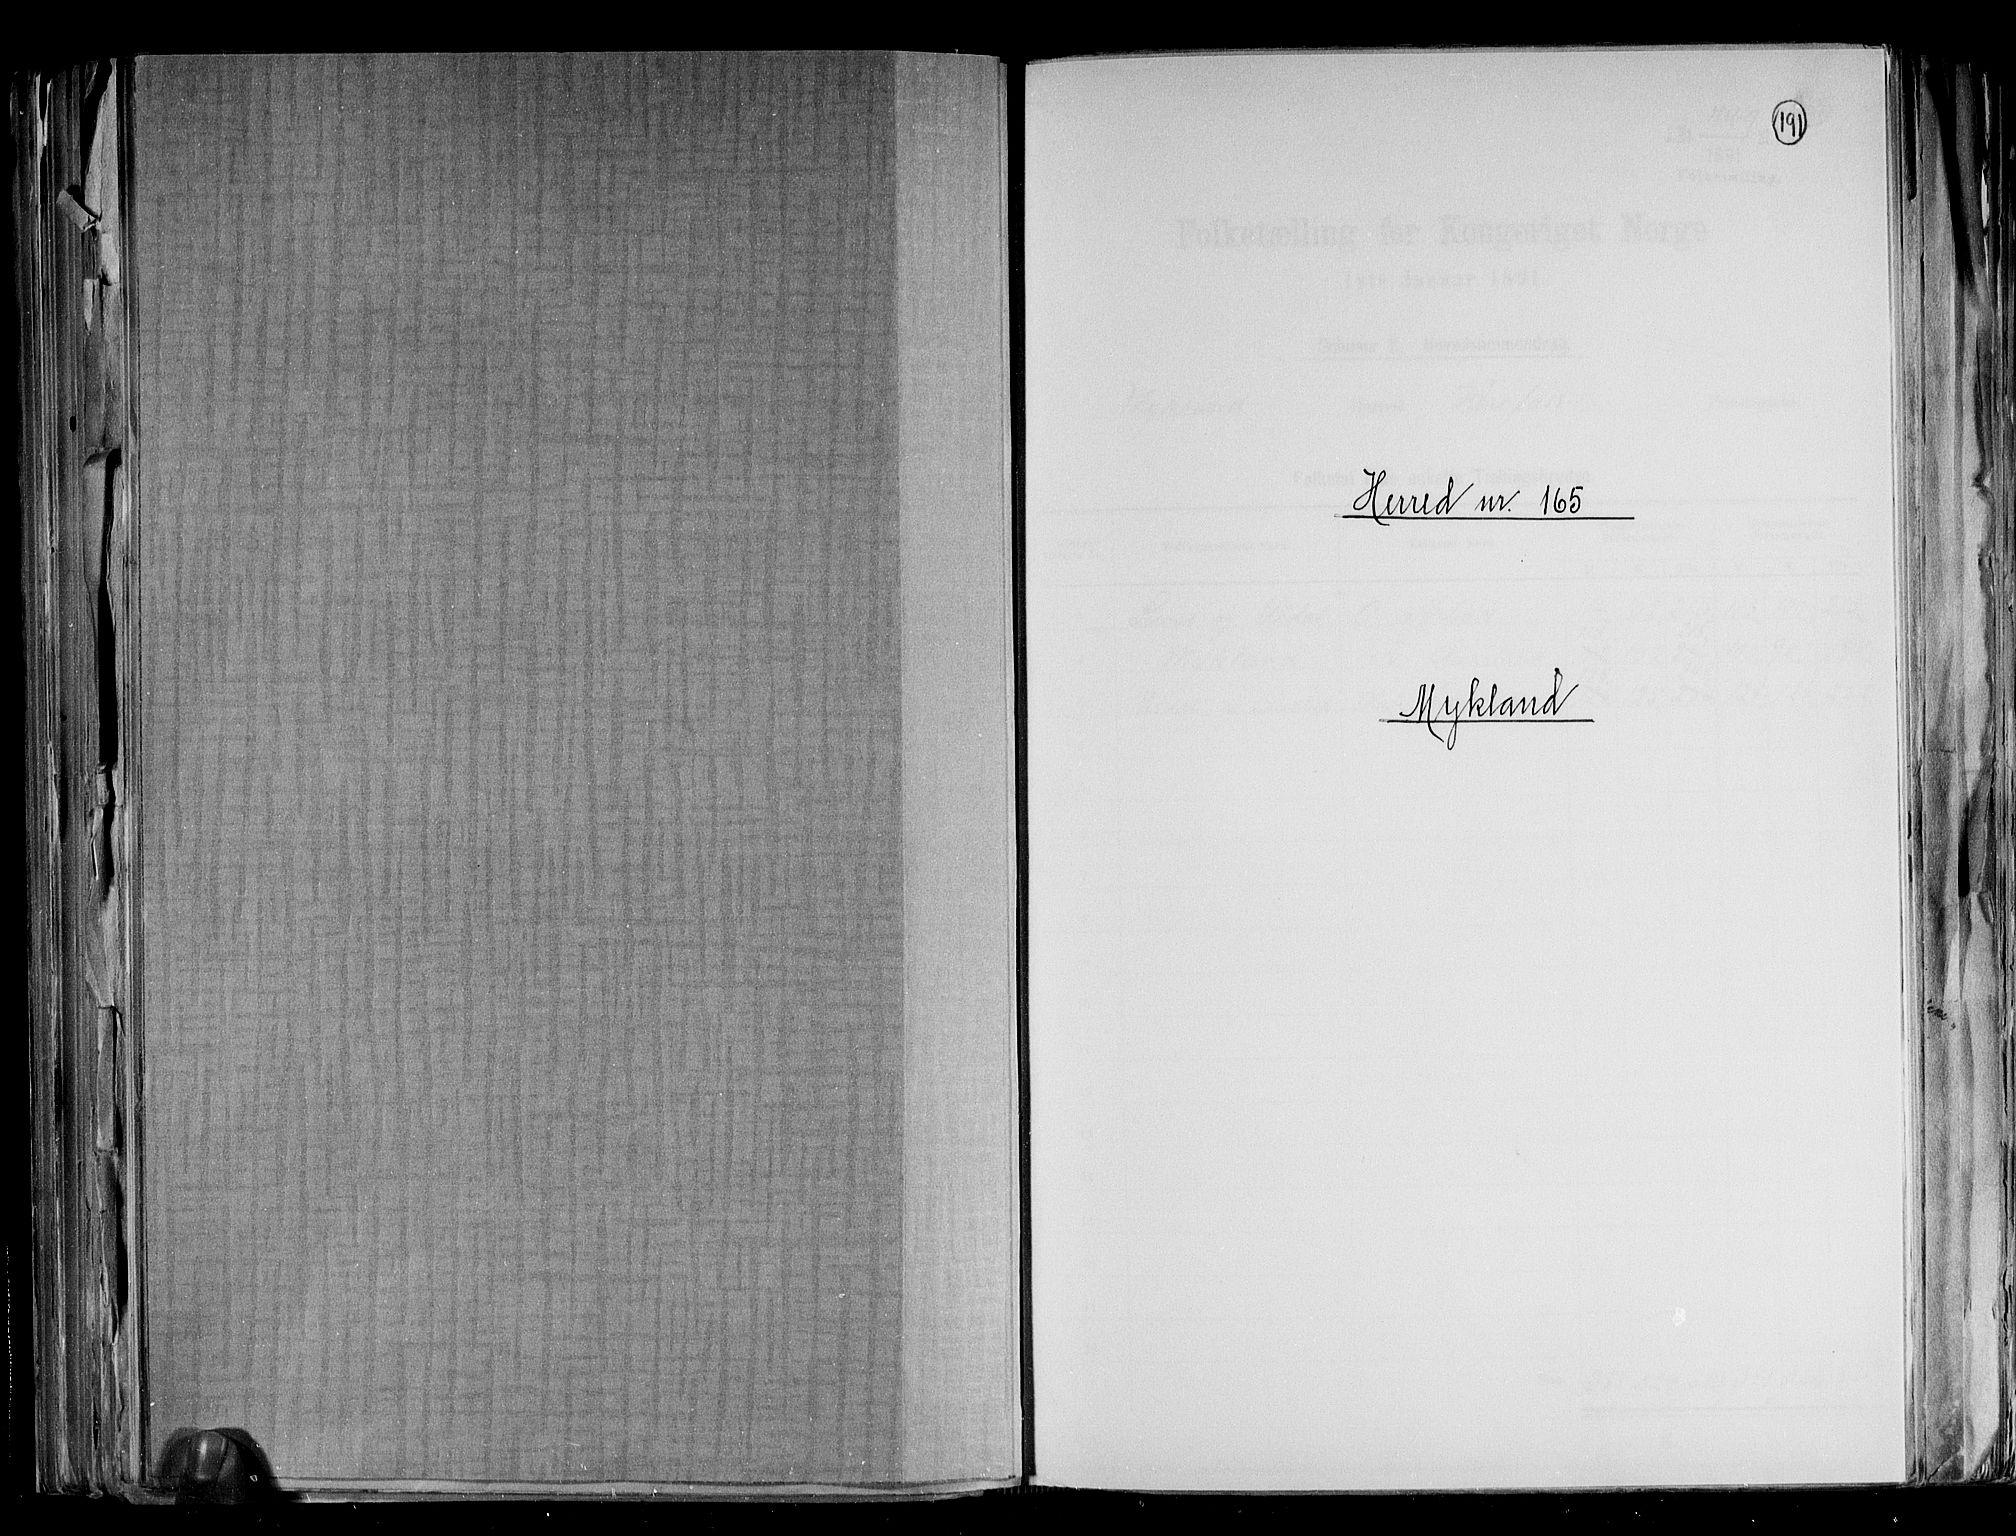 RA, Folketelling 1891 for 0932 Mykland herred, 1891, s. 1